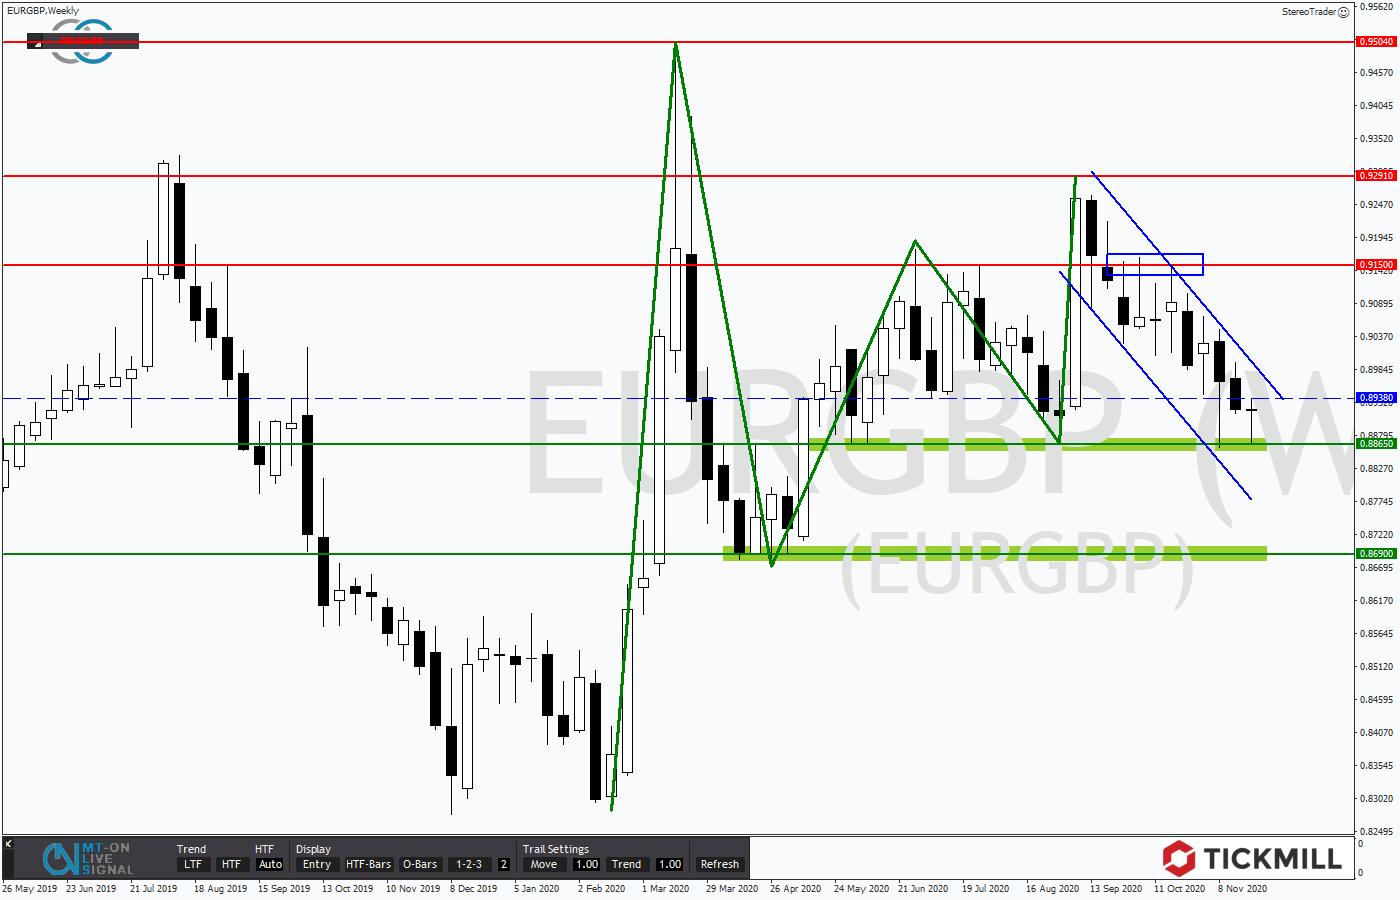 Tickmill-Analyse: Wochenverlauf im EURGBP